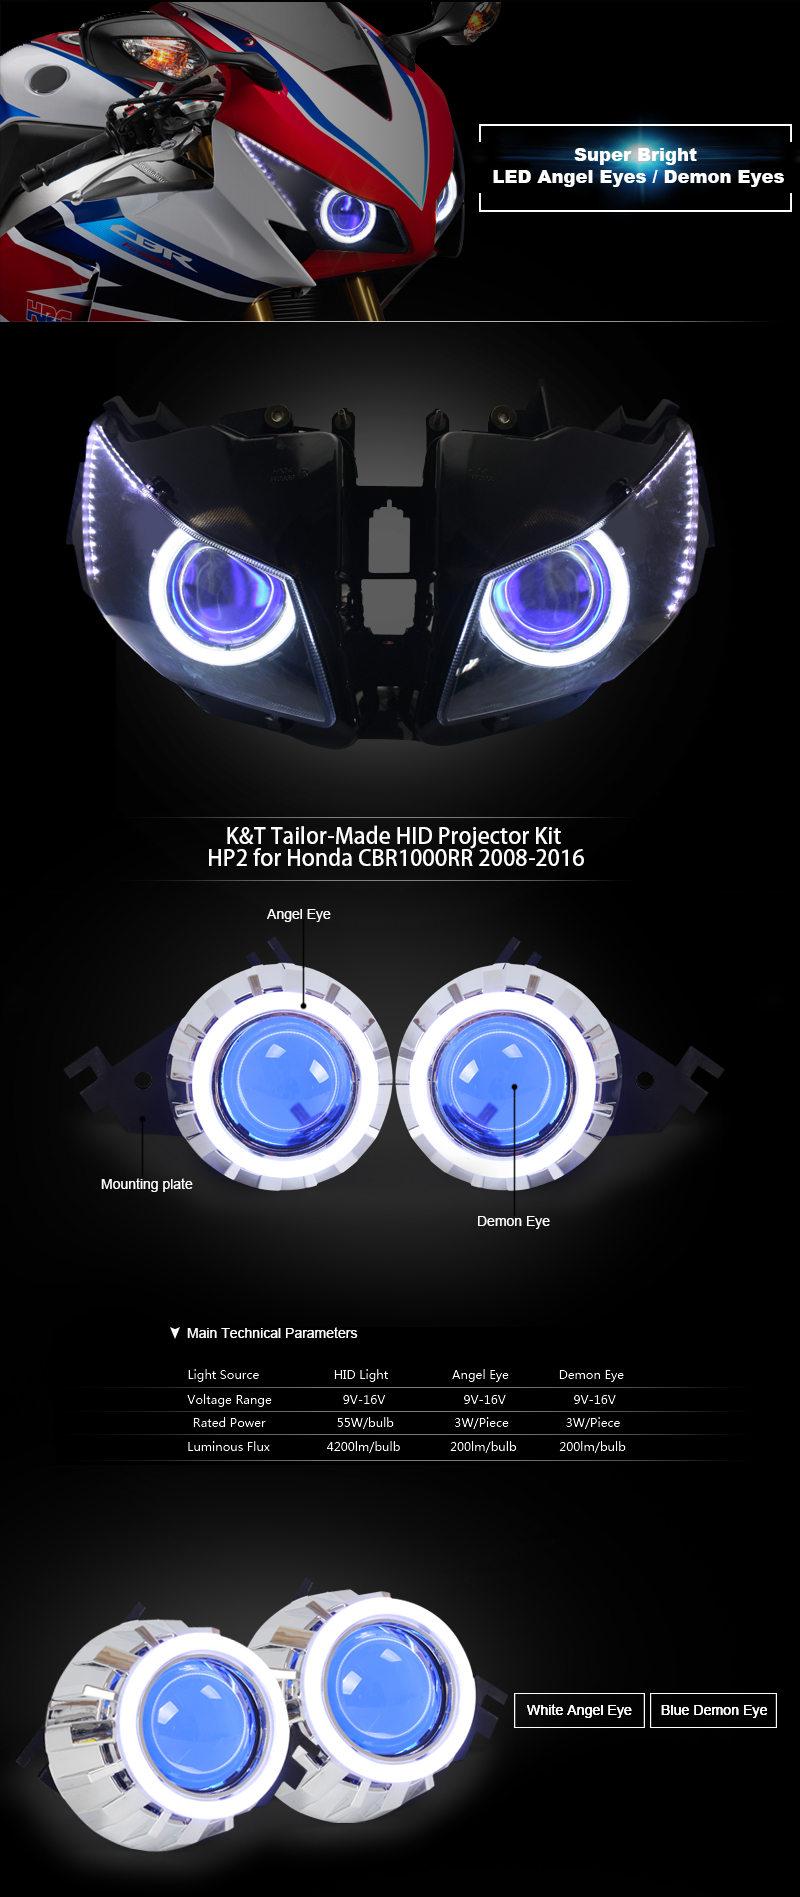 Honda CBR1000RR HID Projector 2008 2009 2010 2011 2012